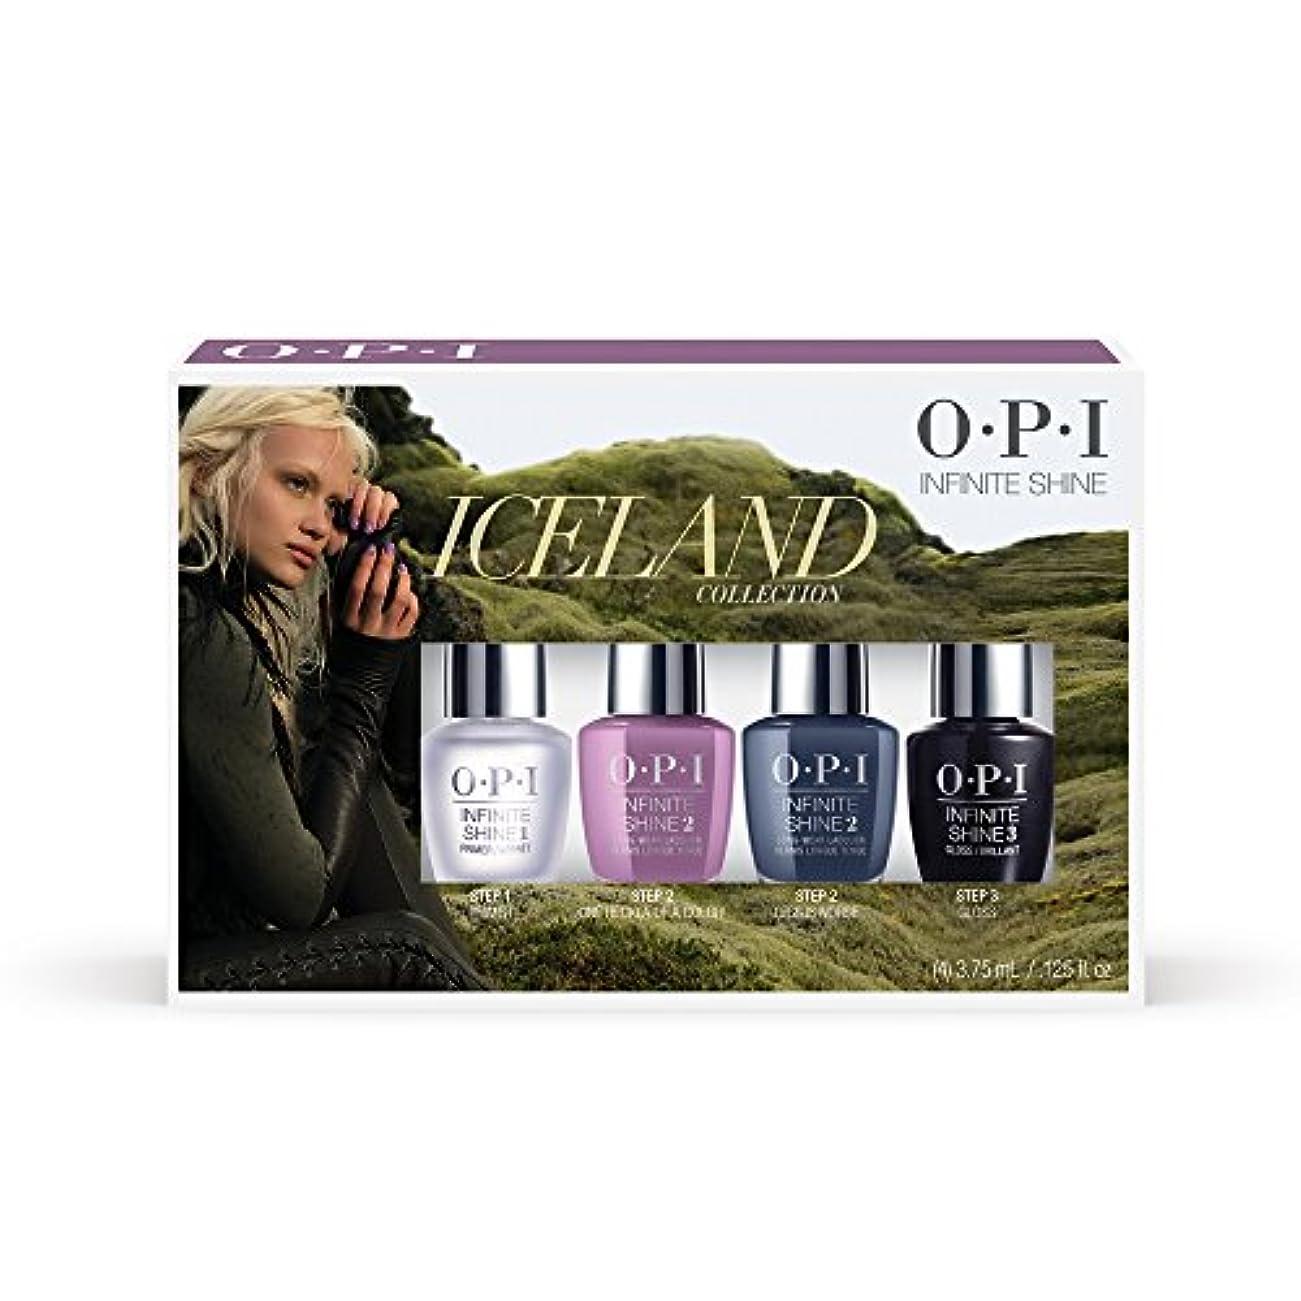 ダイジェストシャトル批評OPI(オーピーアイ) アイスランド コレクション インフィニット シャイン ミニパック